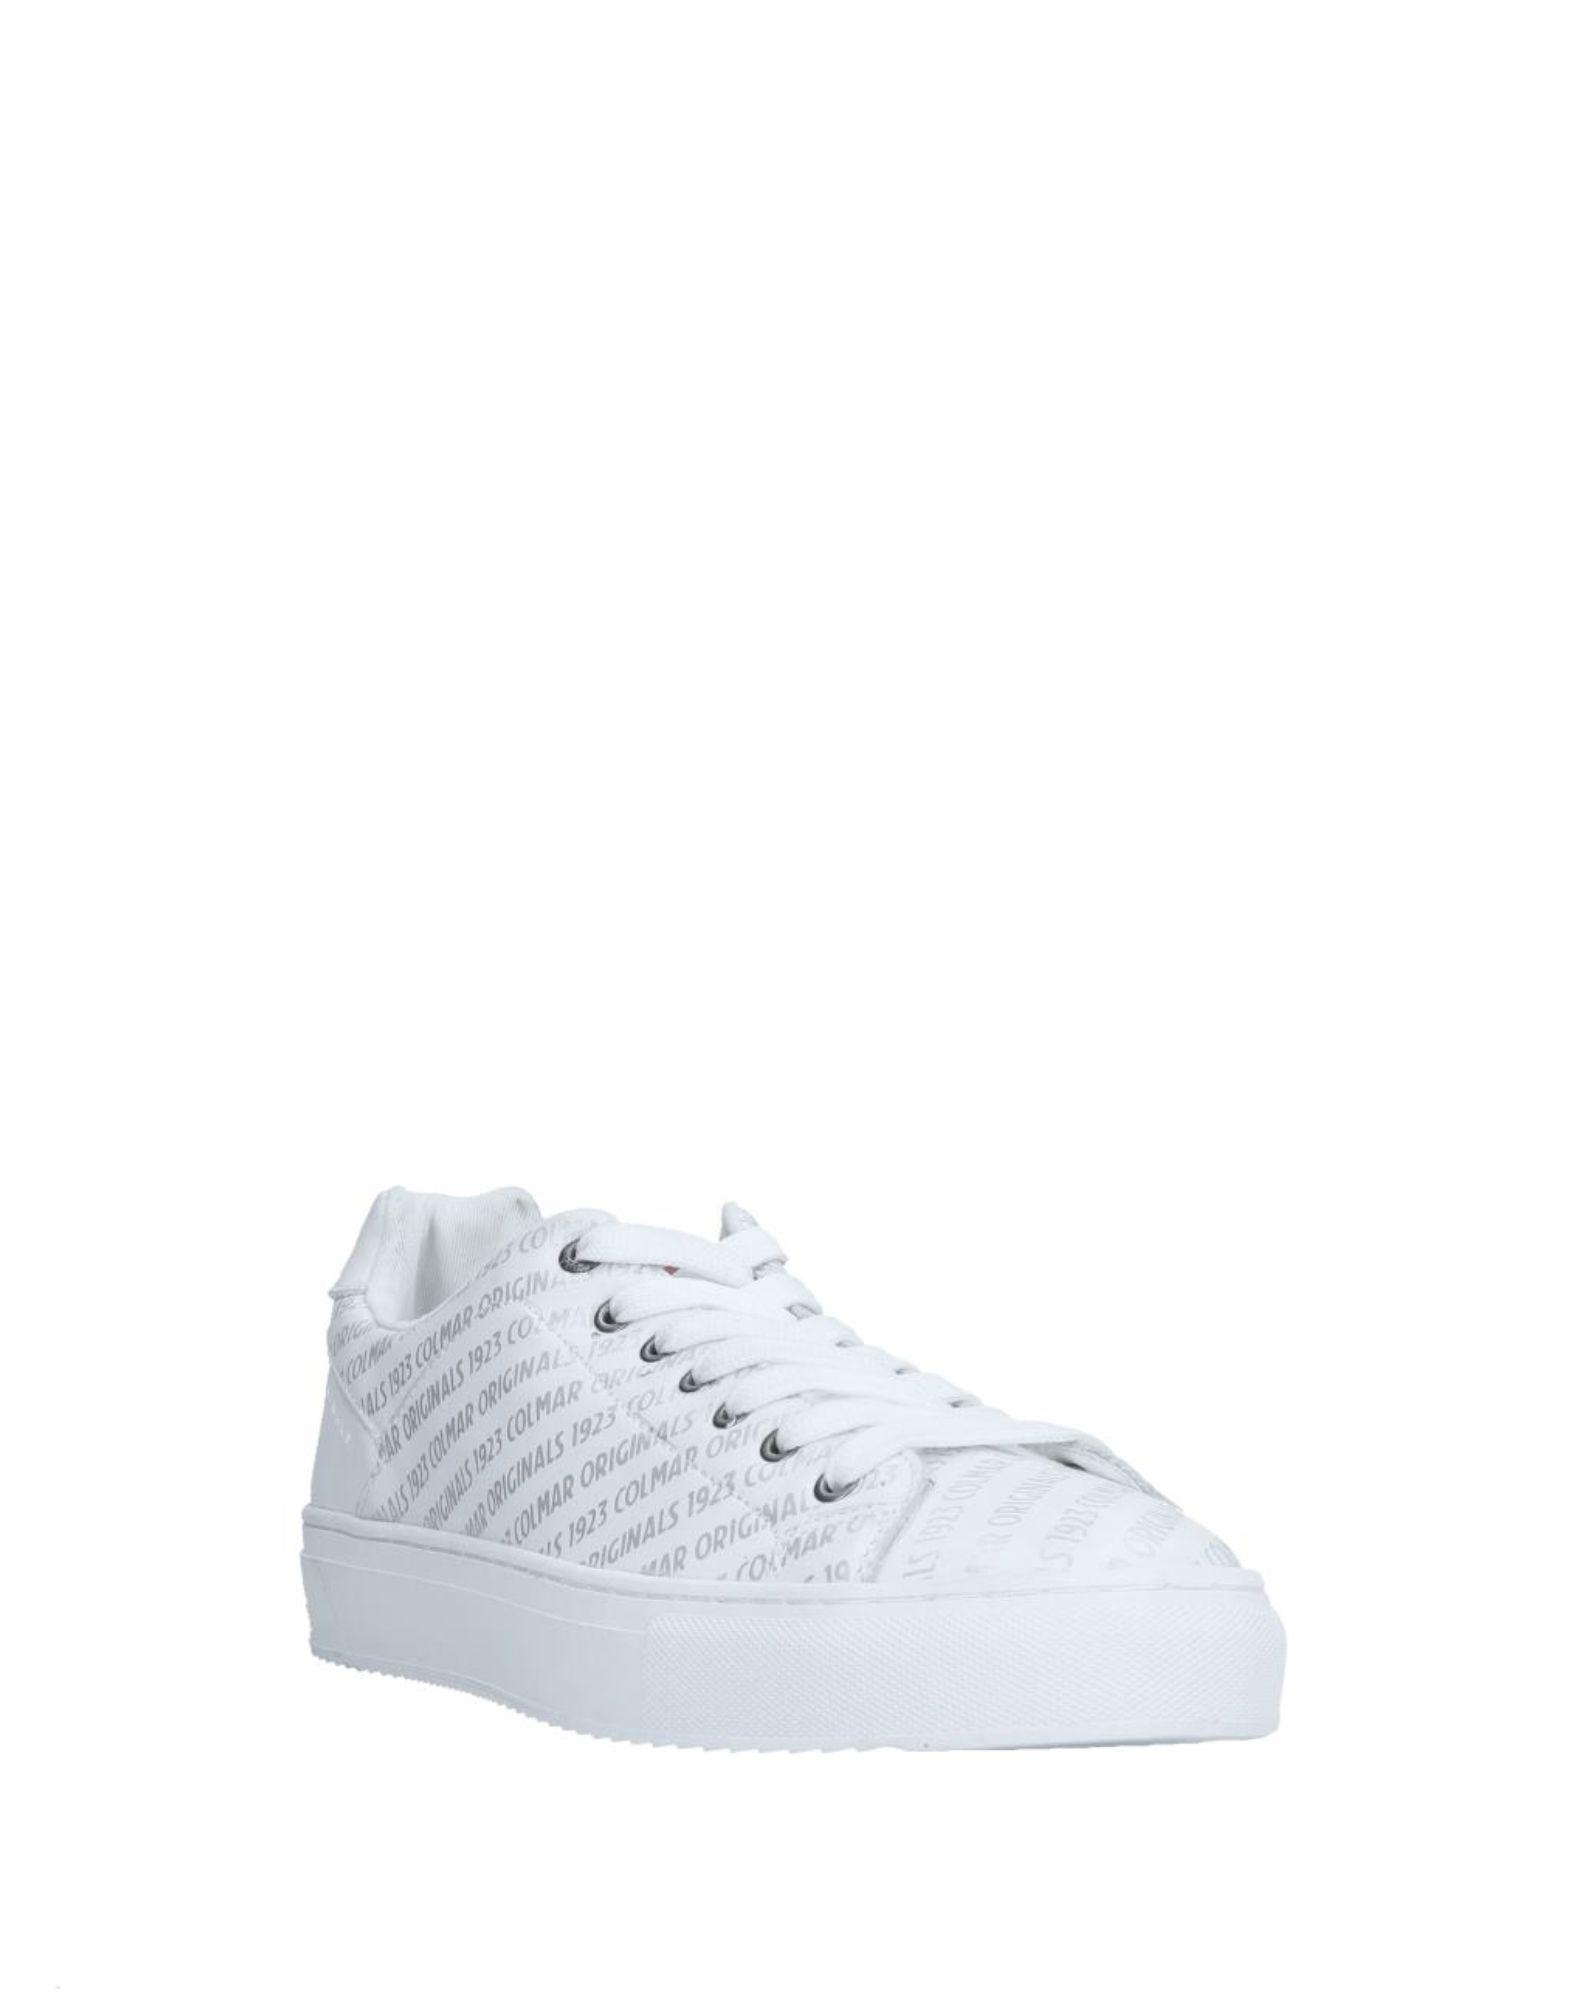 Rabatt echte Sneakers Schuhe Colmar Sneakers echte Herren  11546567VH 855120